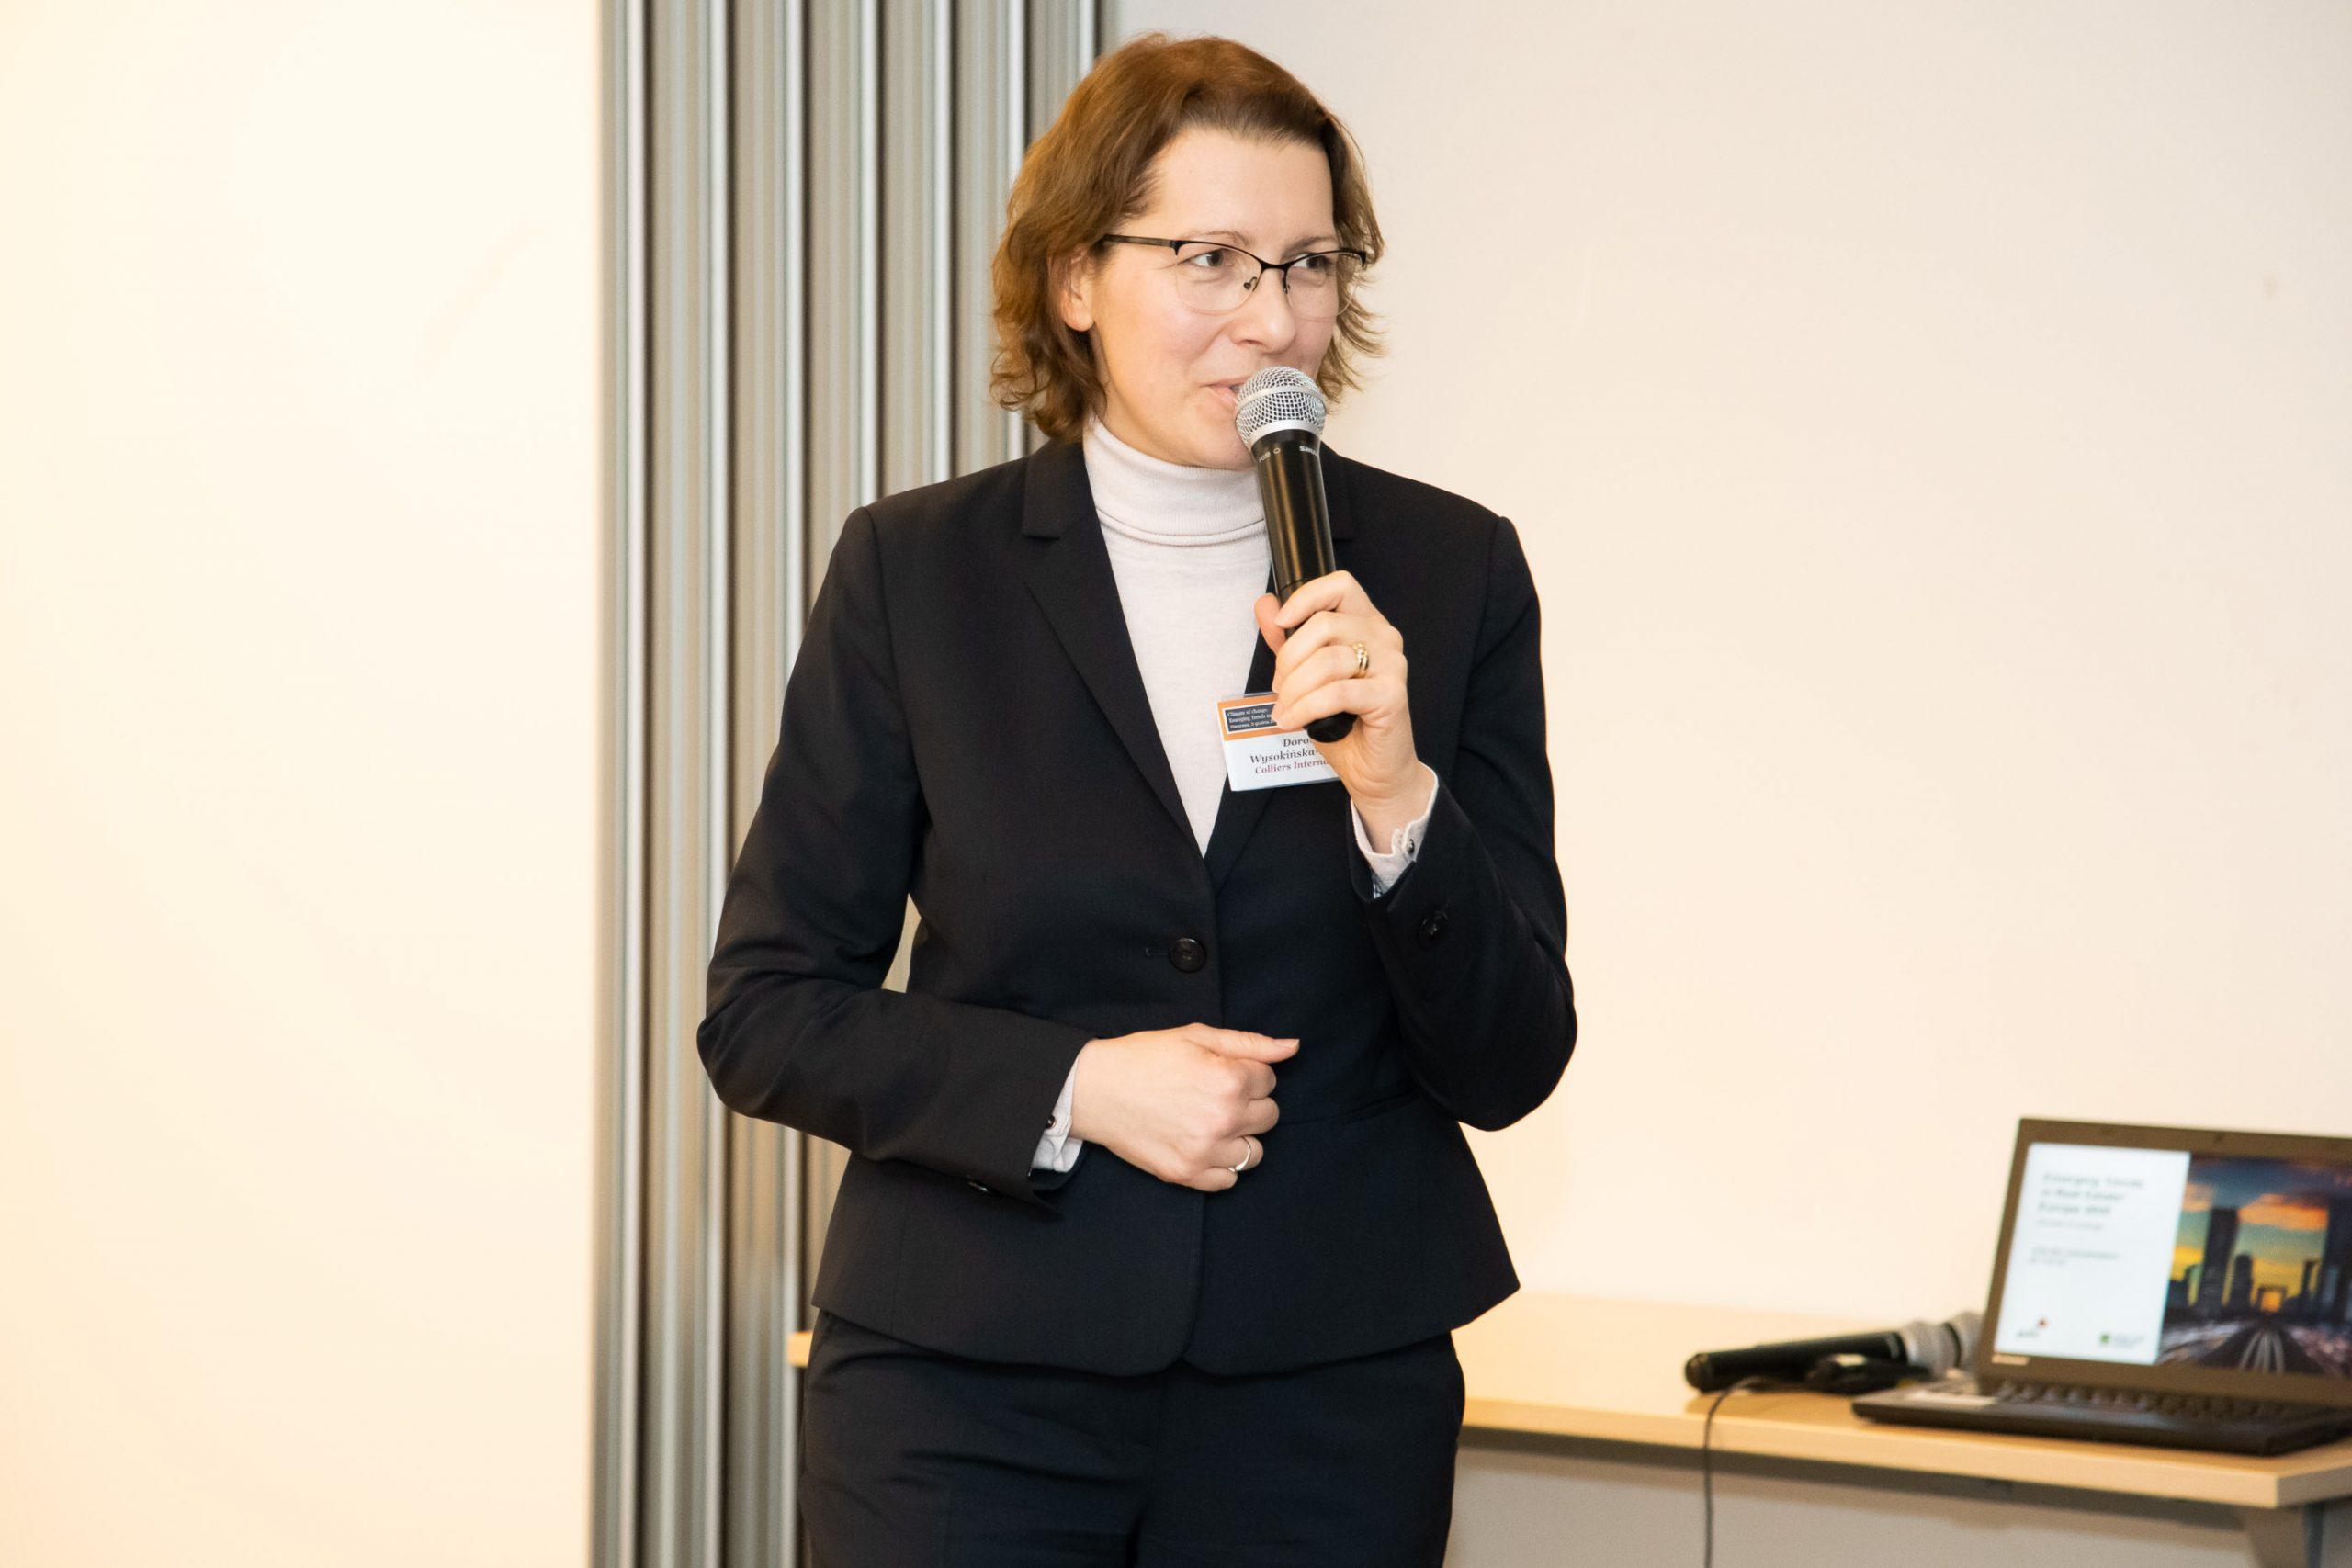 Dorota Wysokińska-Kuzdra, ULI Poland Chair